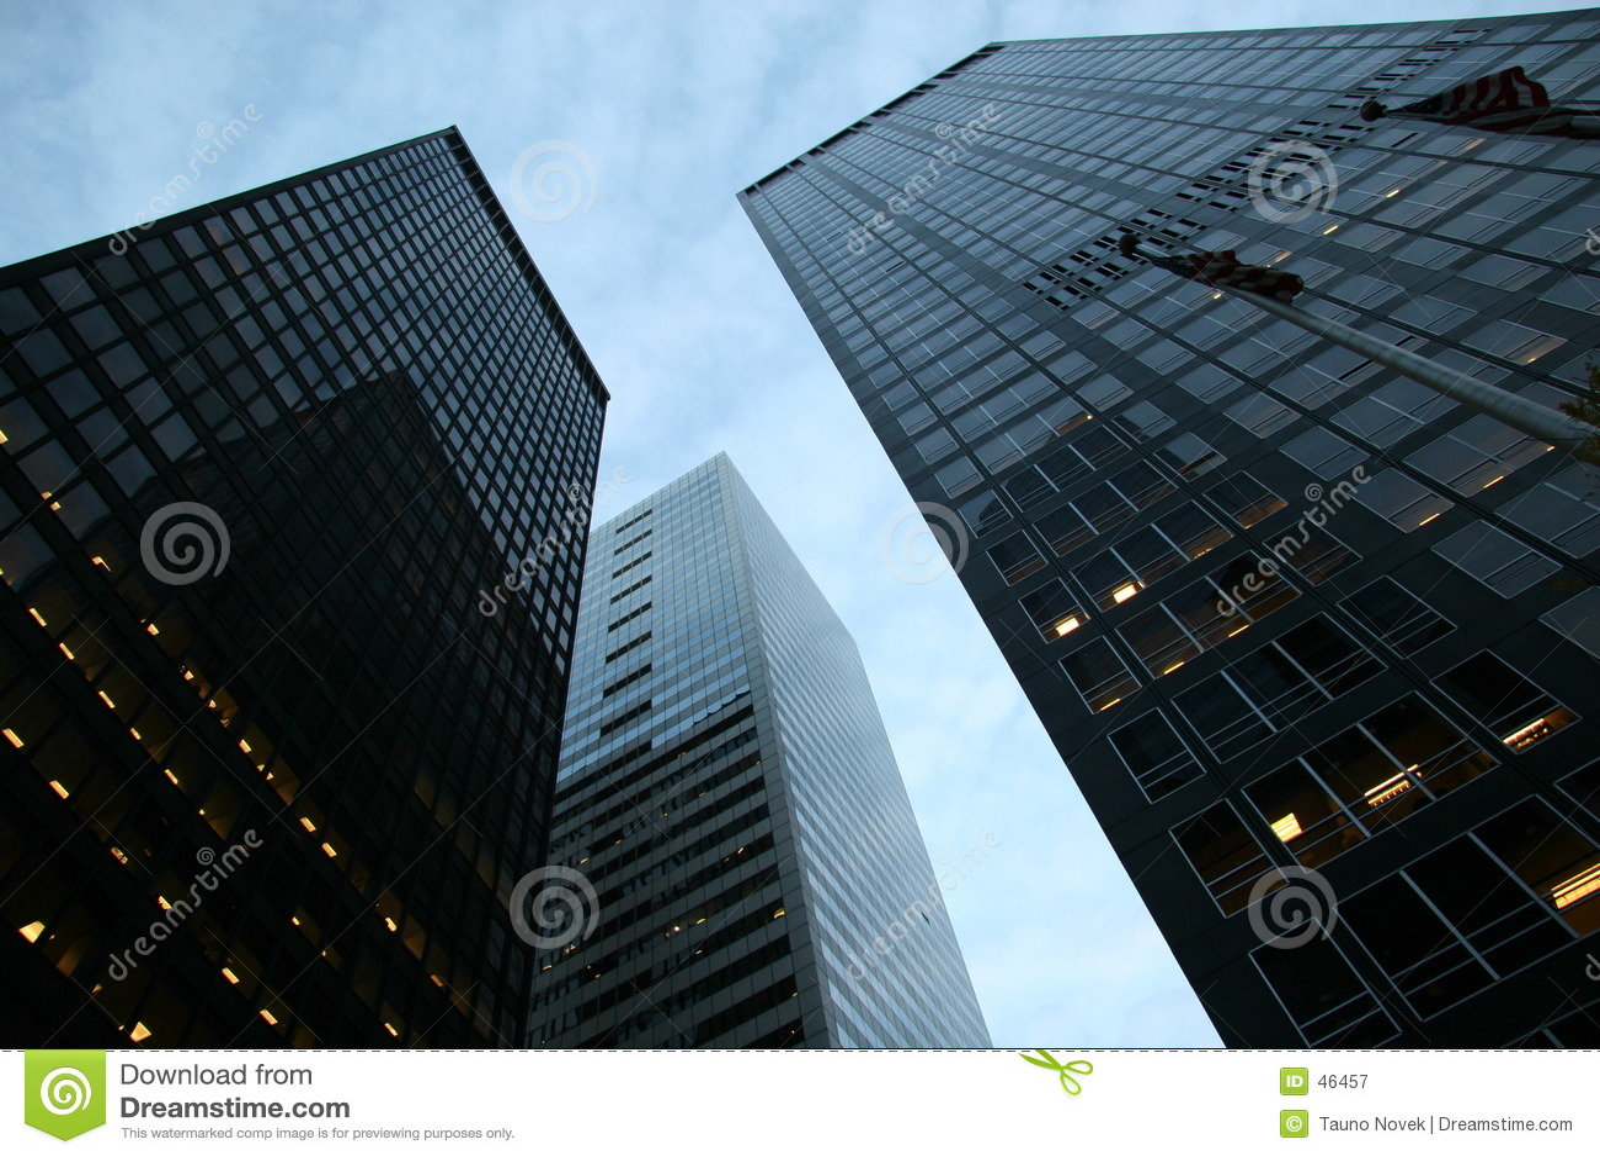 Wolkenkratzer am Finanzbezirk